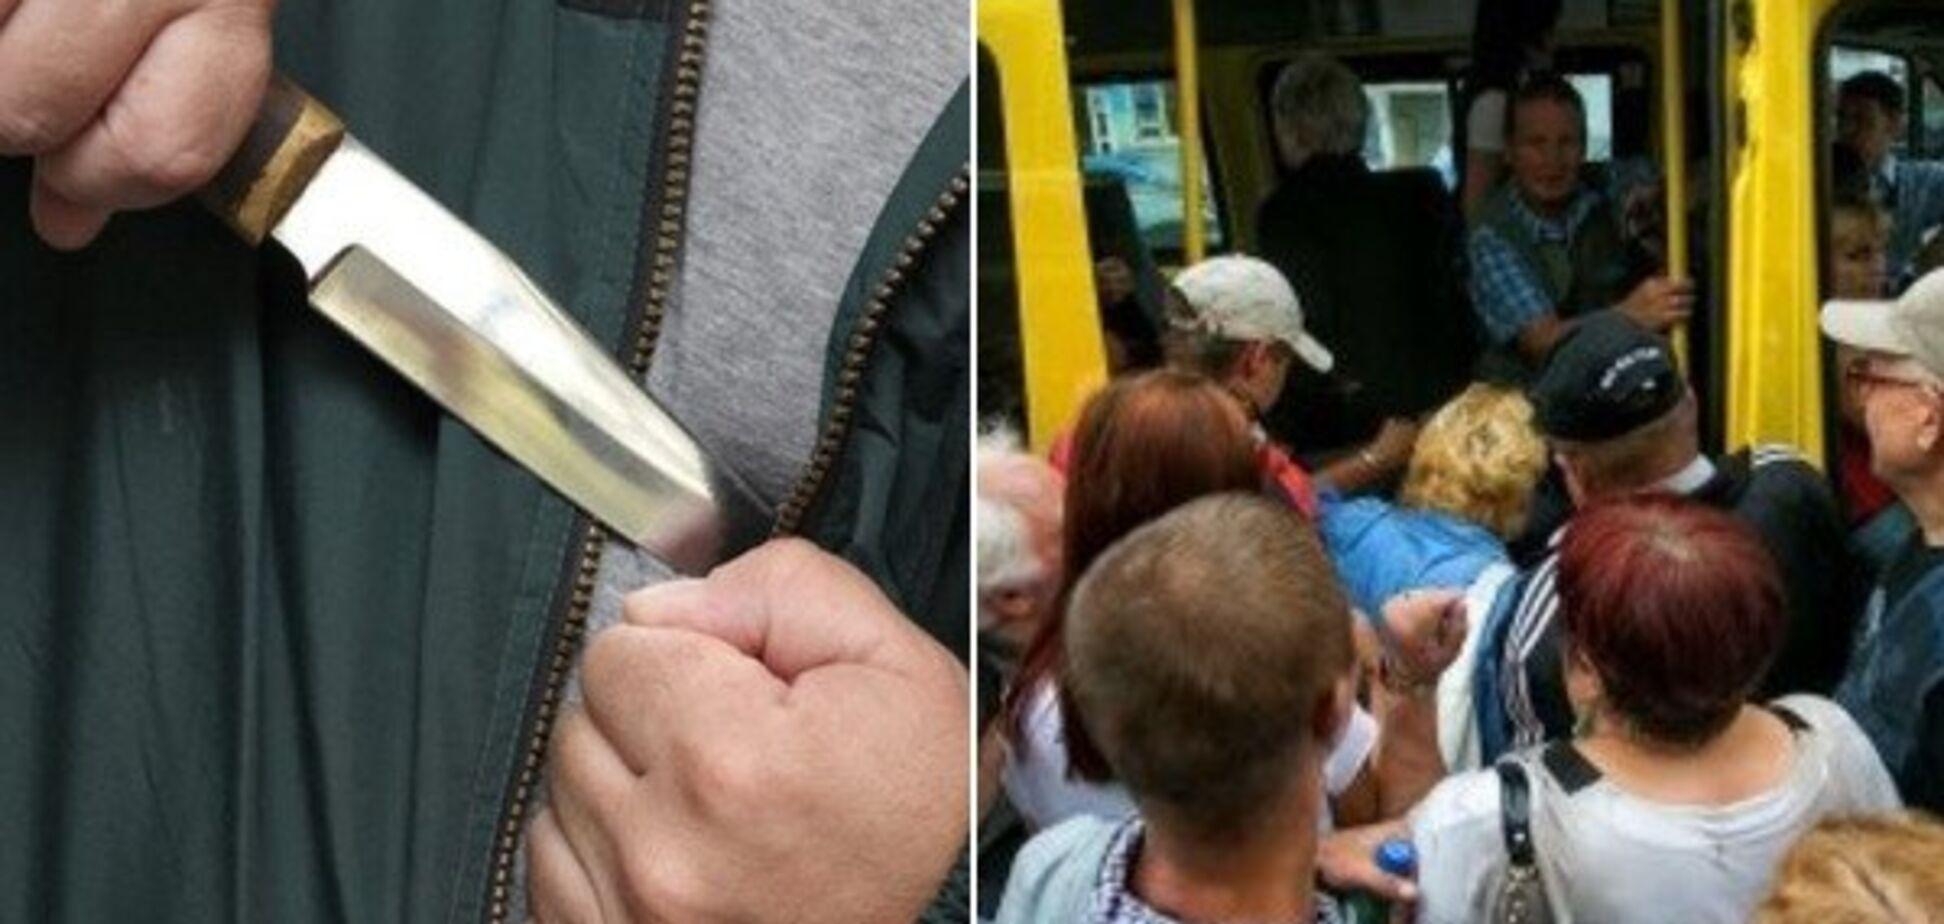 Напал с ножом: в Днепре мужчина устроил кровавую драку в маршрутке